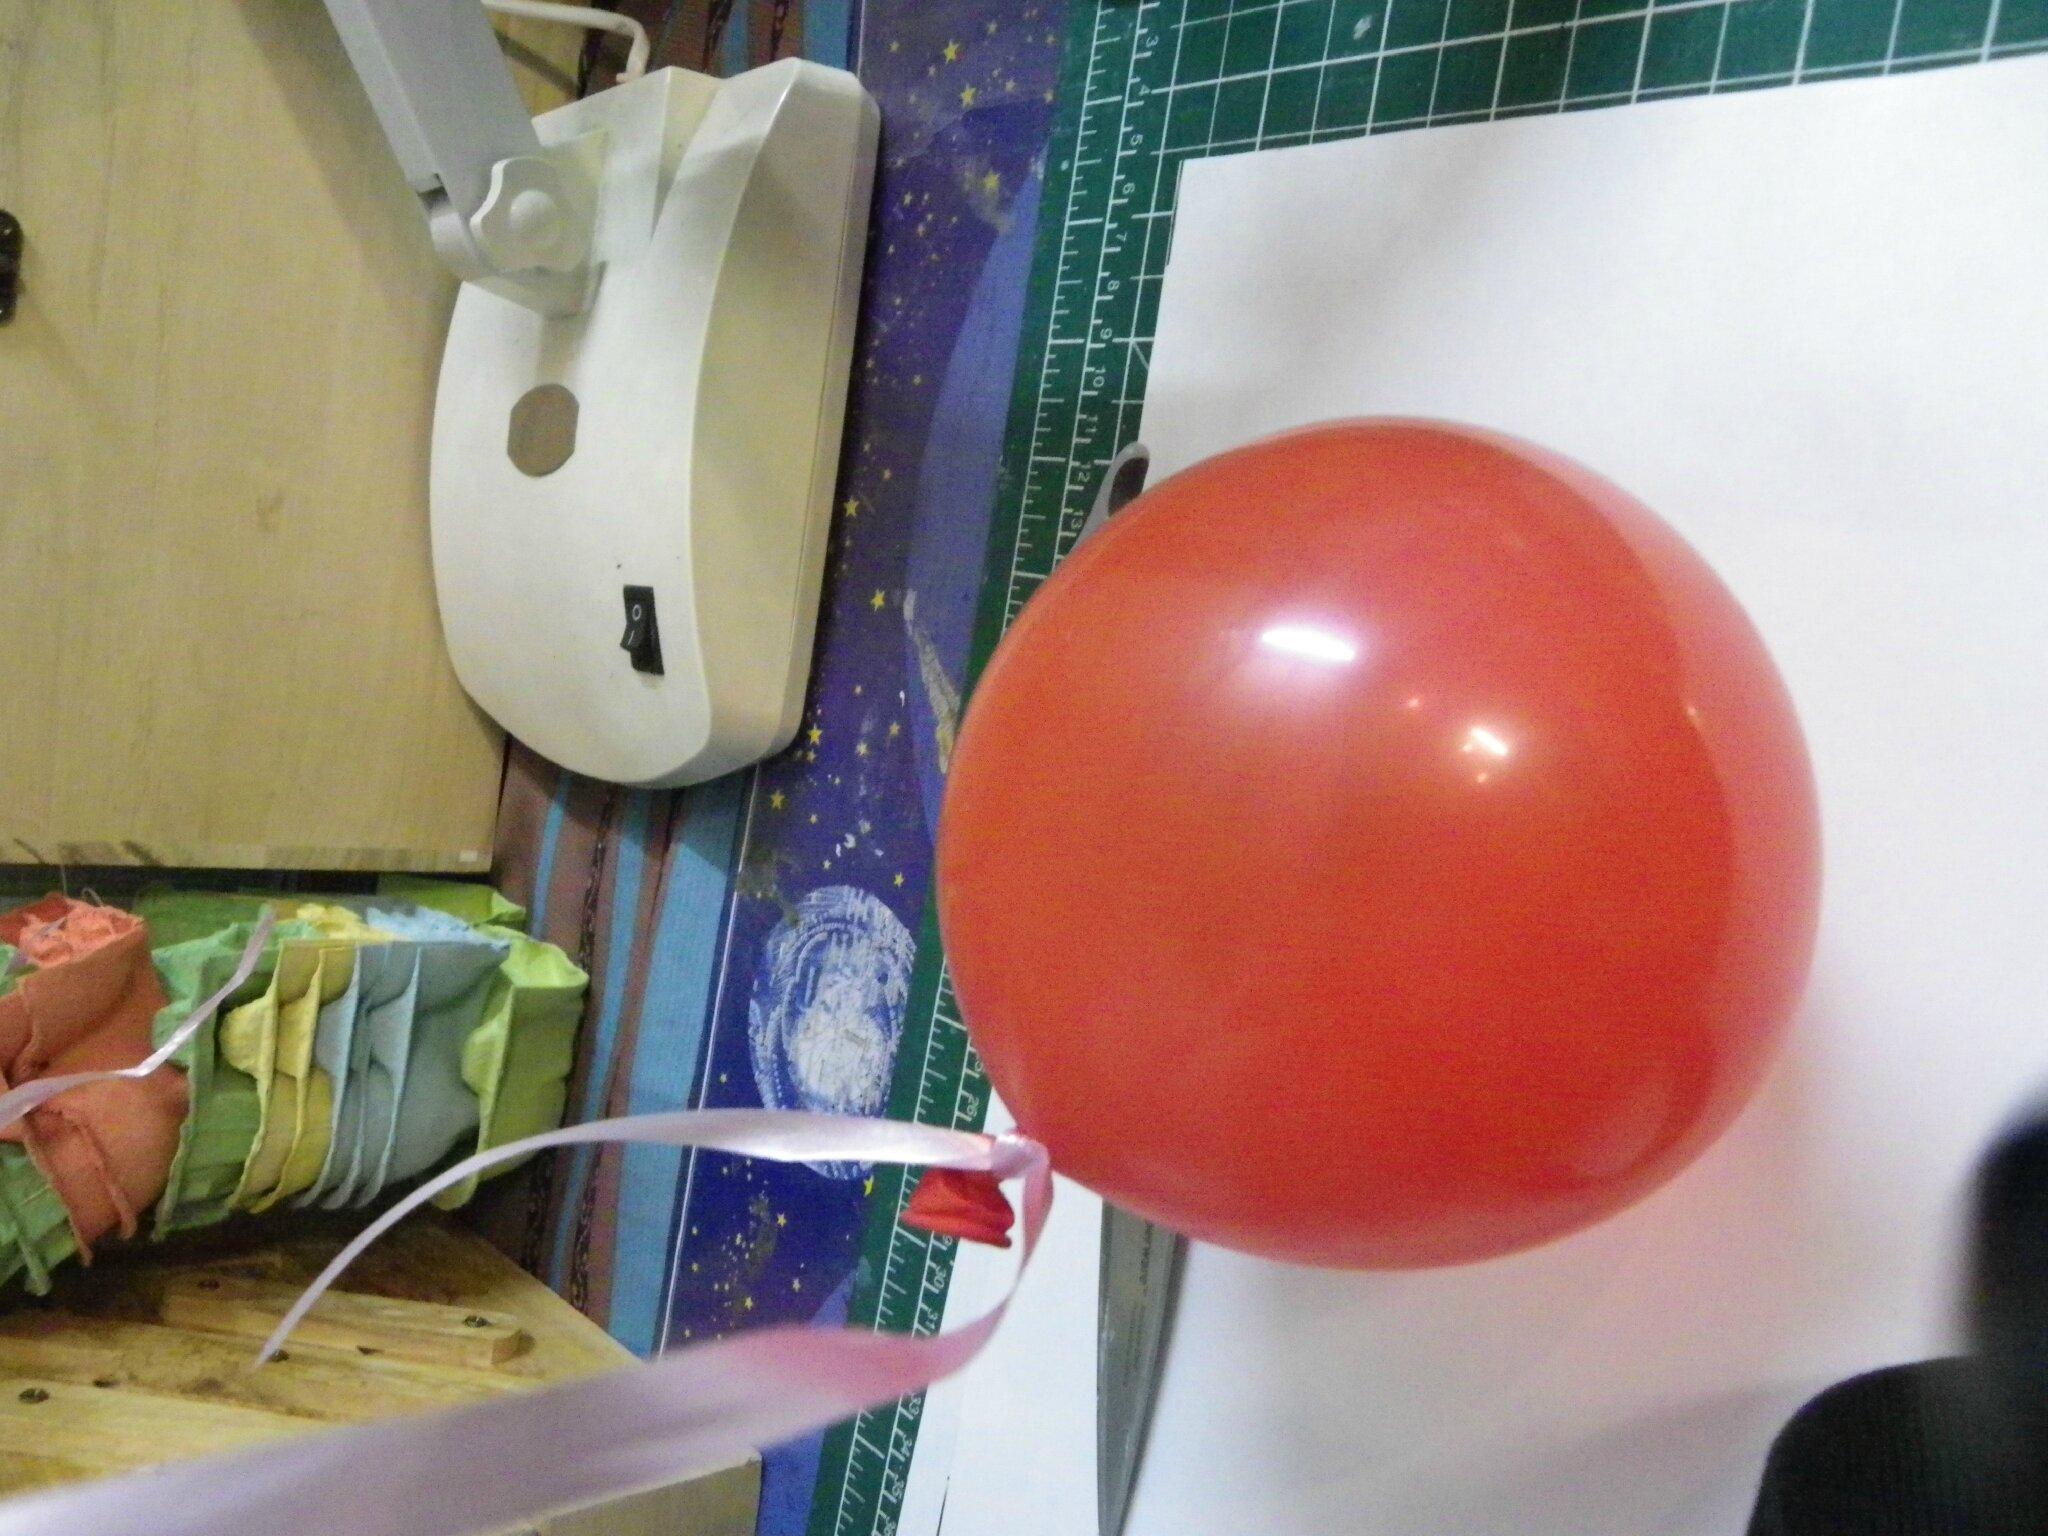 Boule de noel a fabriquer en papier mache - Boule de noel a fabriquer en papier ...